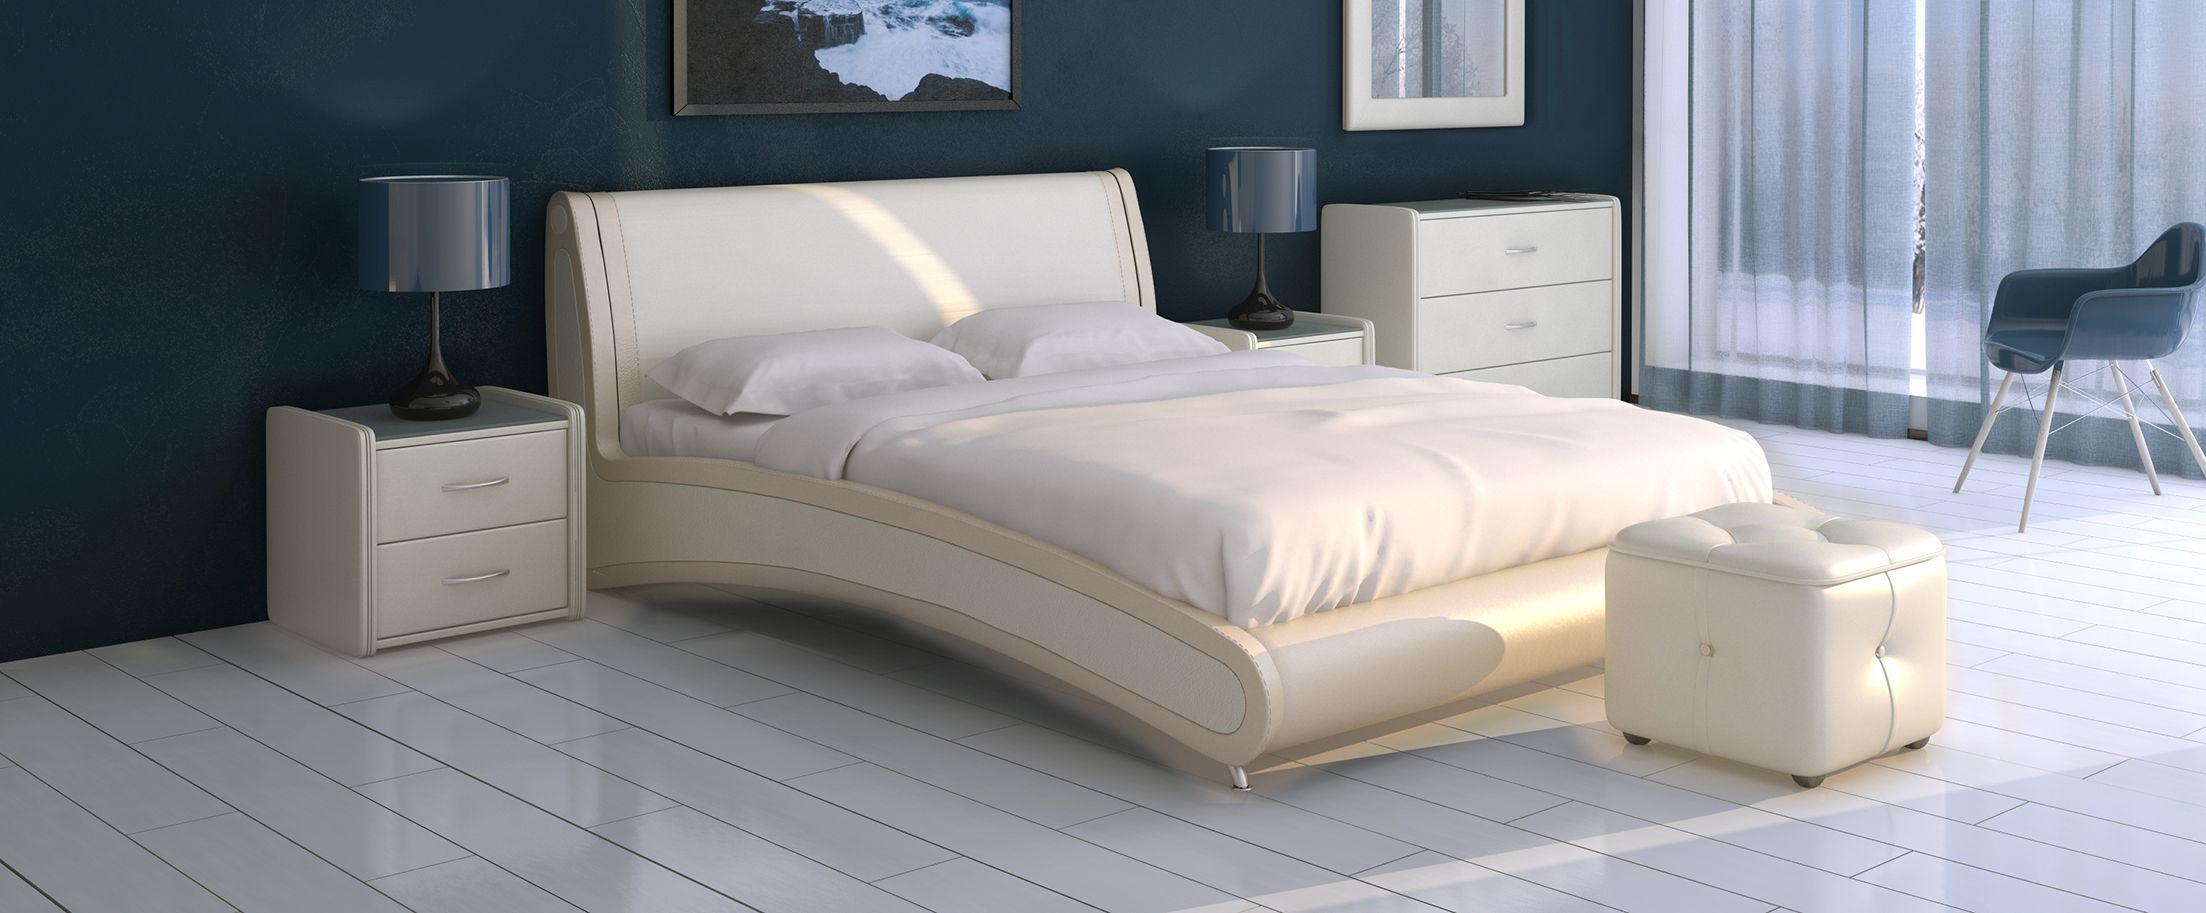 Кровать двуспальная Помпиду Модель 394Стильная двухцветная кровать необычной формы, несомненно, станет центром внимания вашей спальни. Задняя часть спинки выполнена из экокожи.